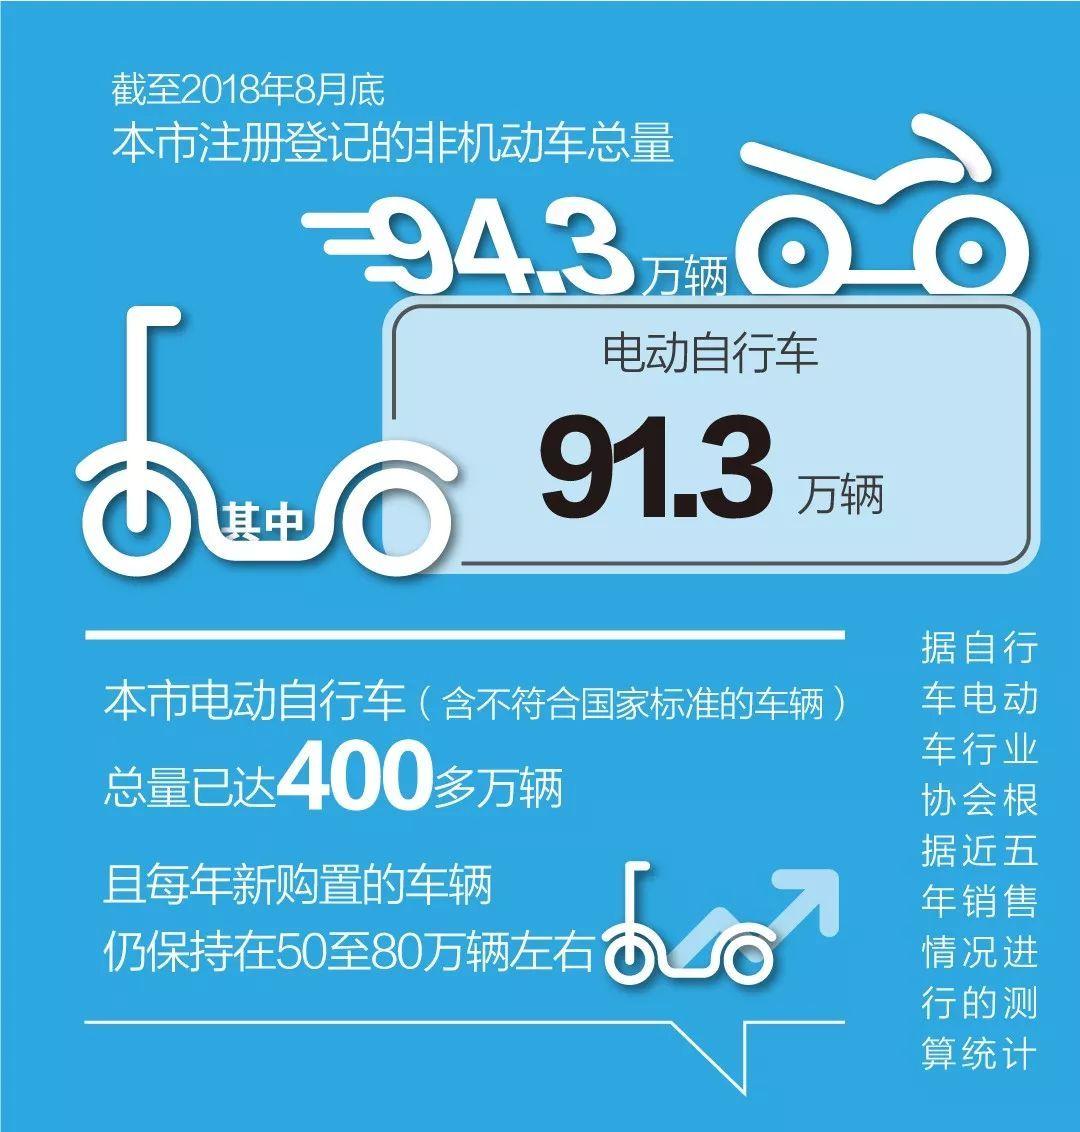 下月起,超标电动自行车上路必须挂这个标识!